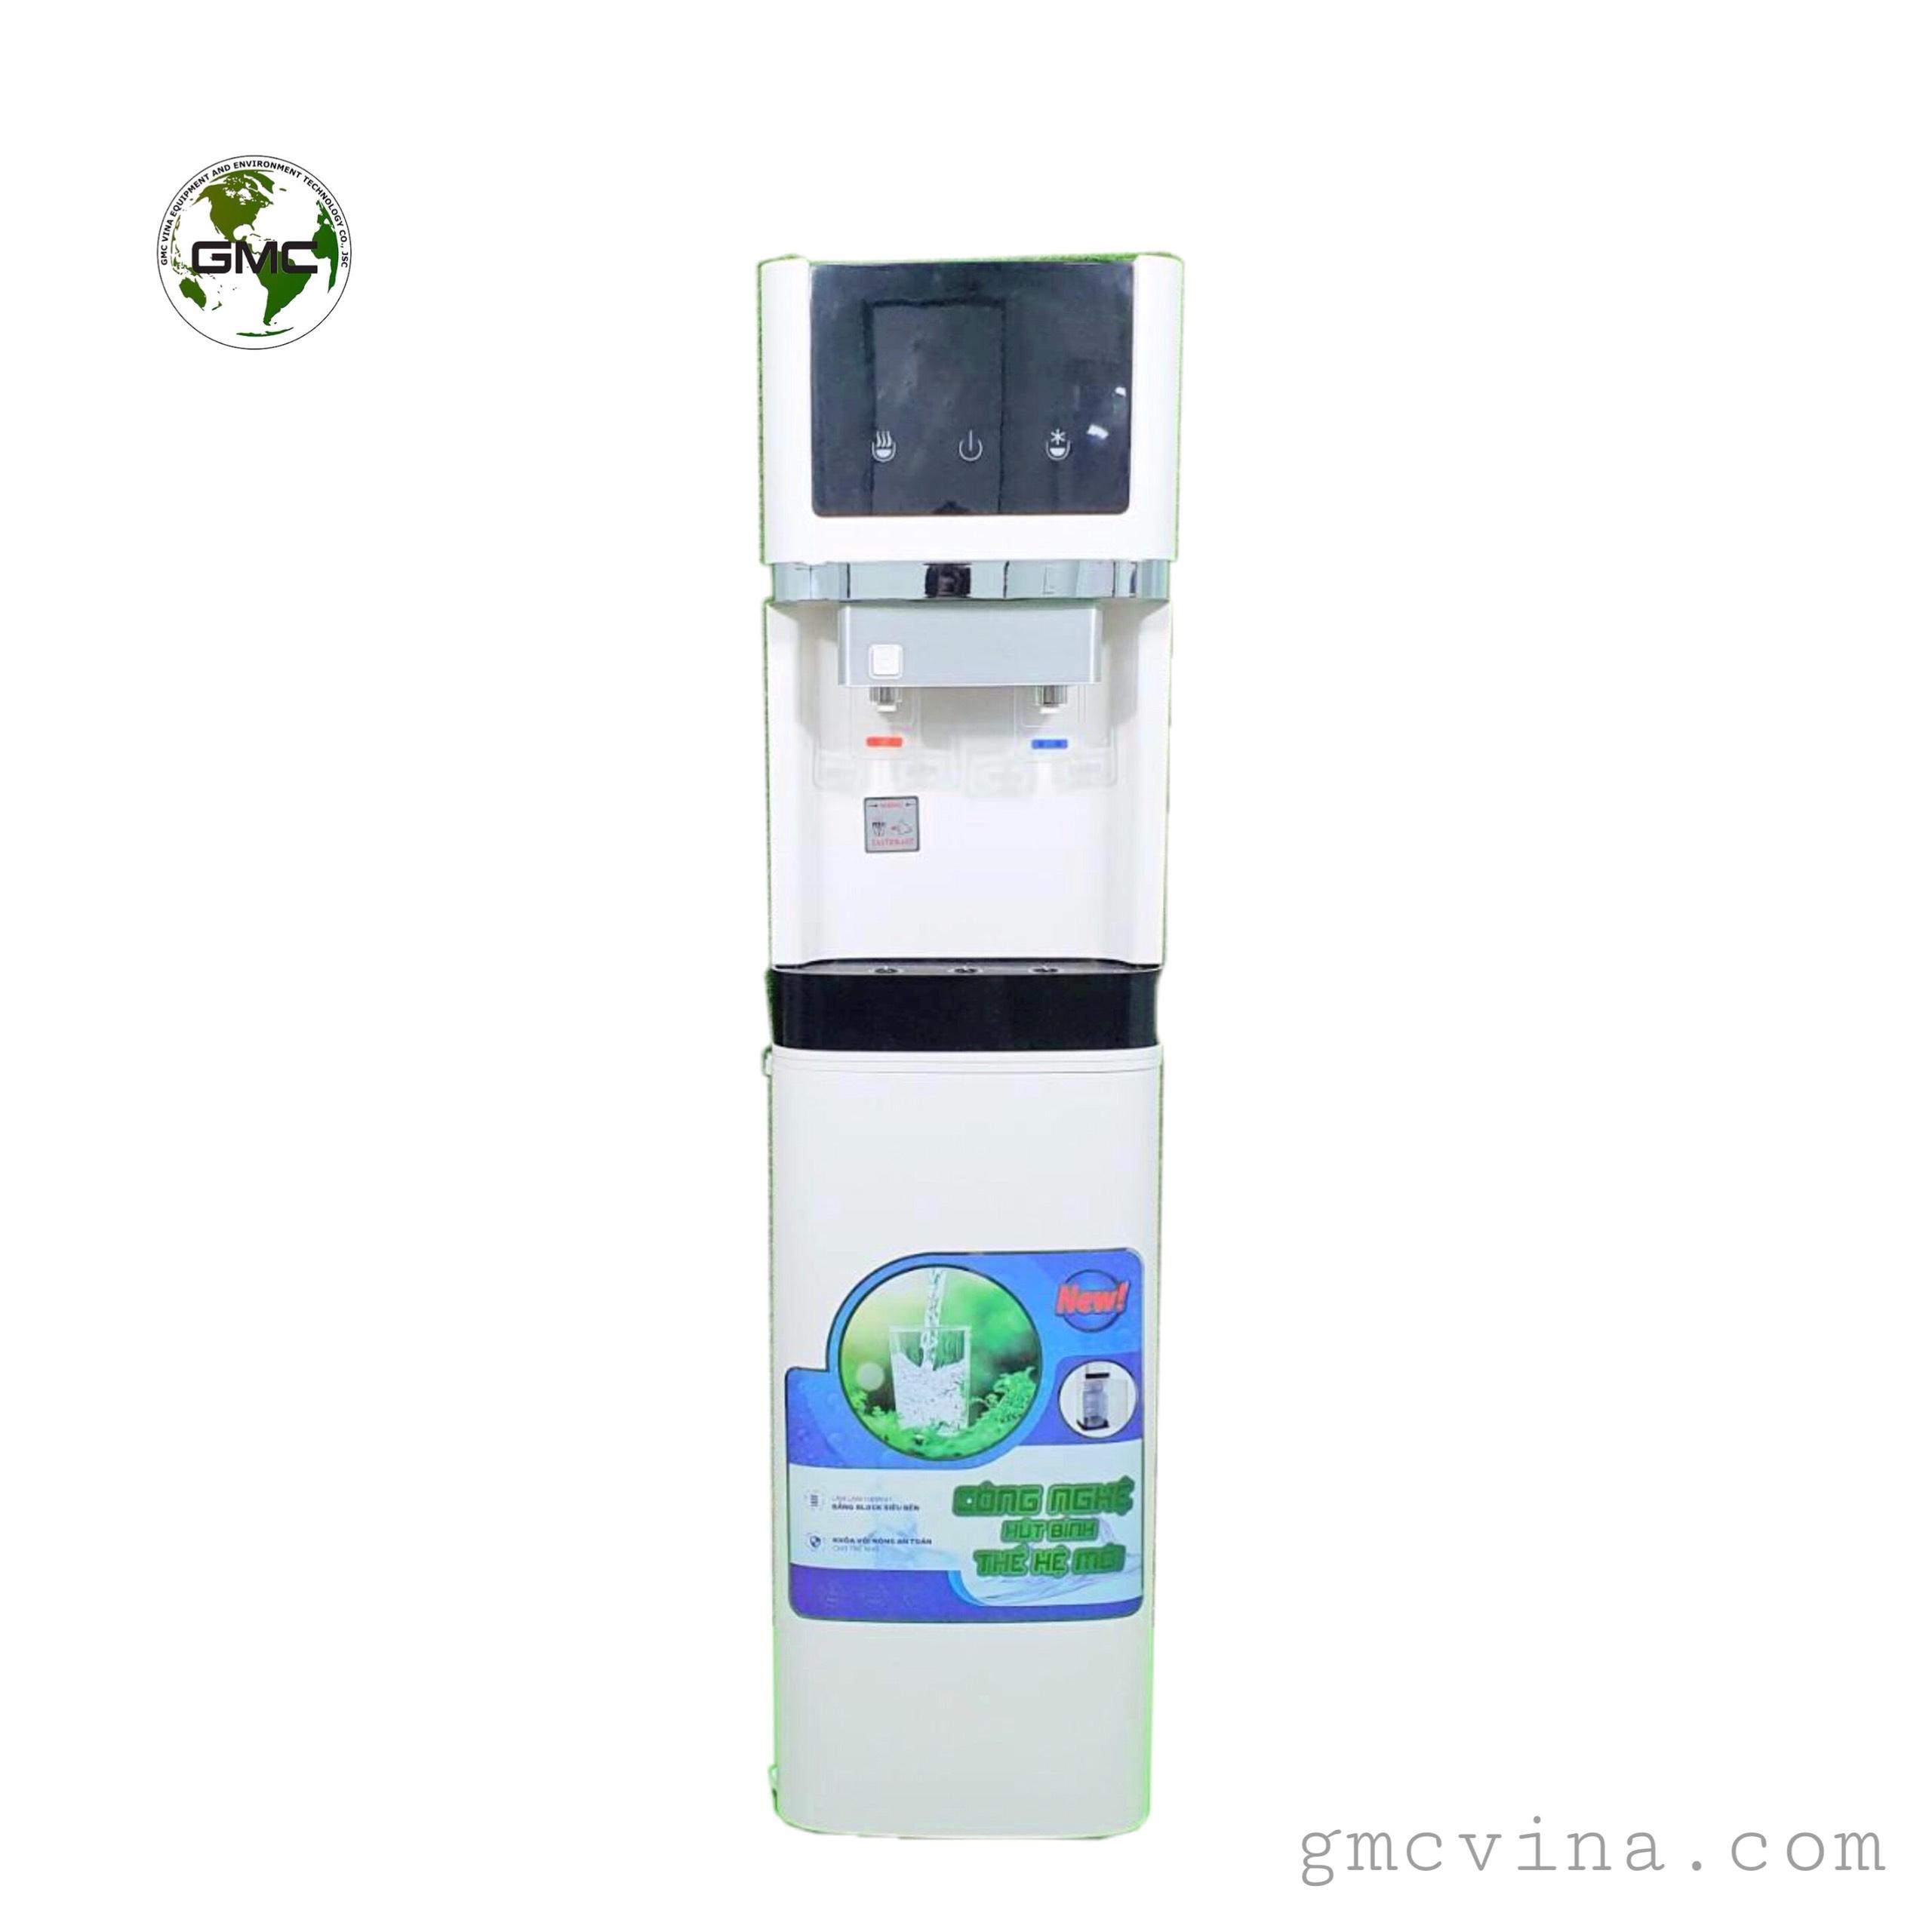 Cây nước nóng lạnh hút bình GMC-855-HB